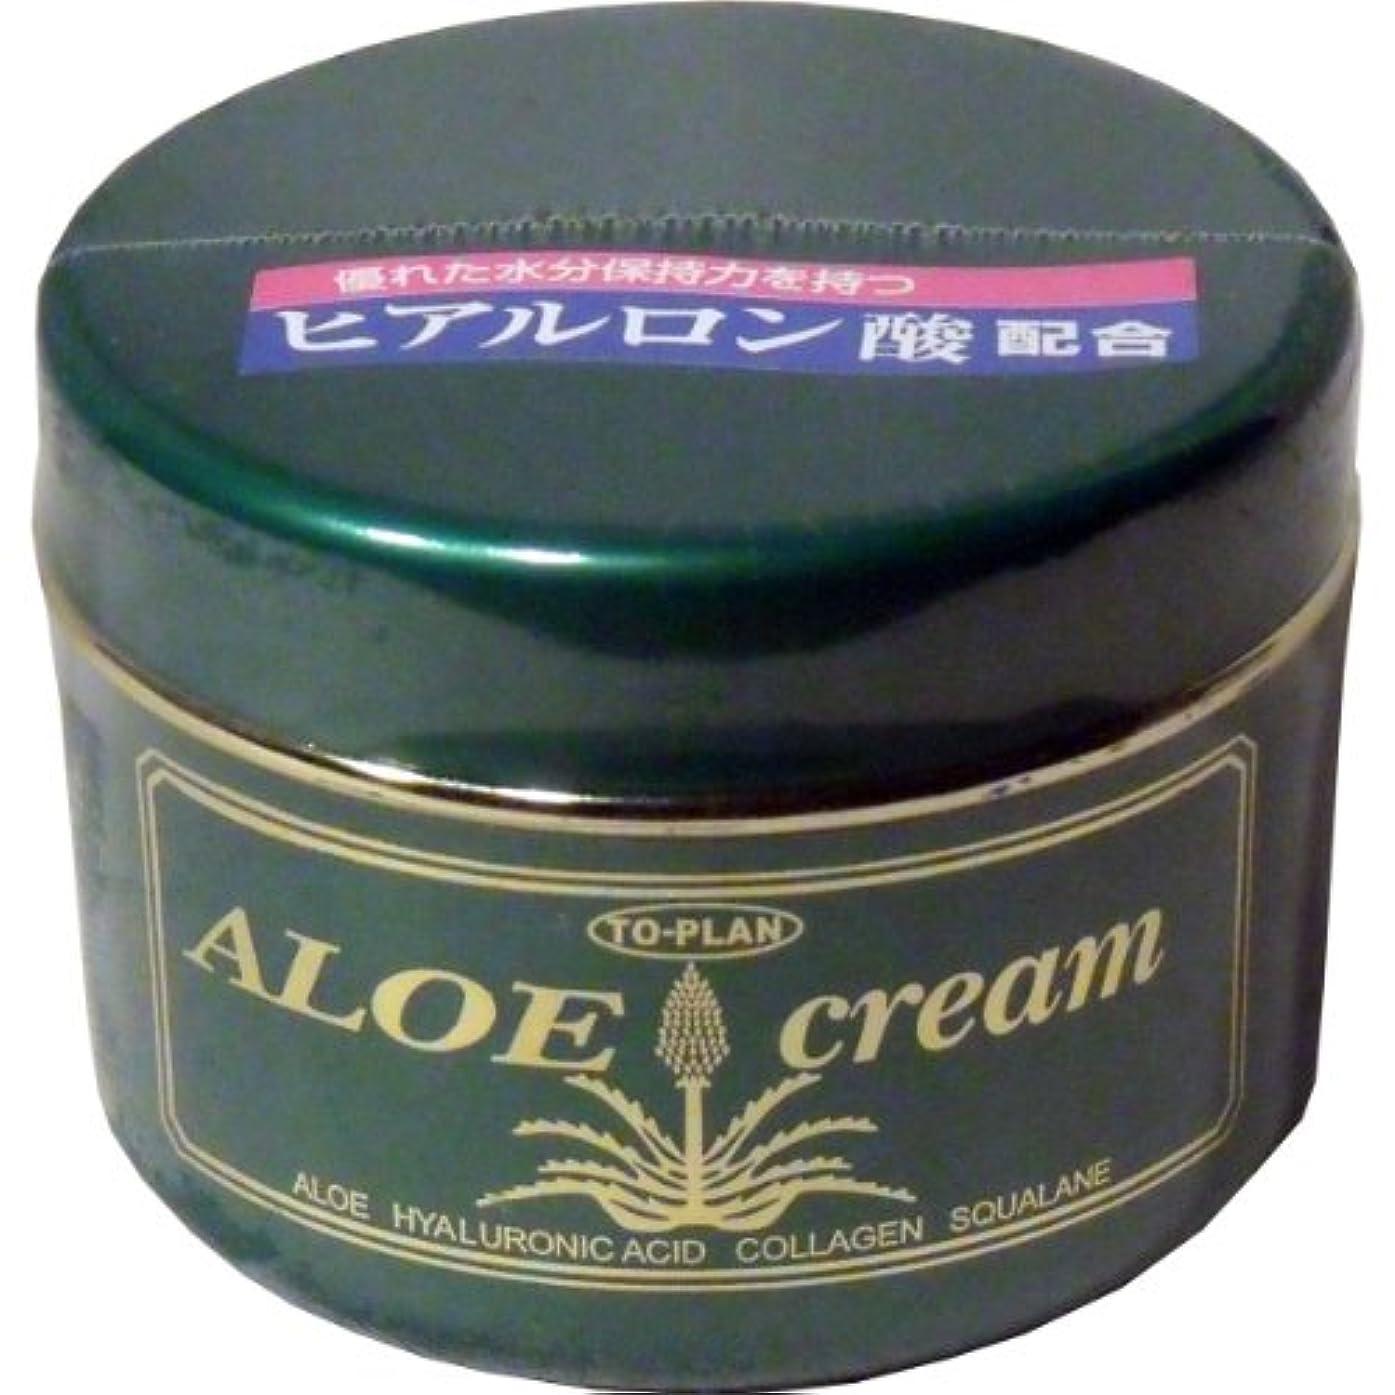 なくなる短命仲人トプラン ハーブフレッシュクリーム(アロエクリーム) ヒアルロン酸 170g ×6個セット